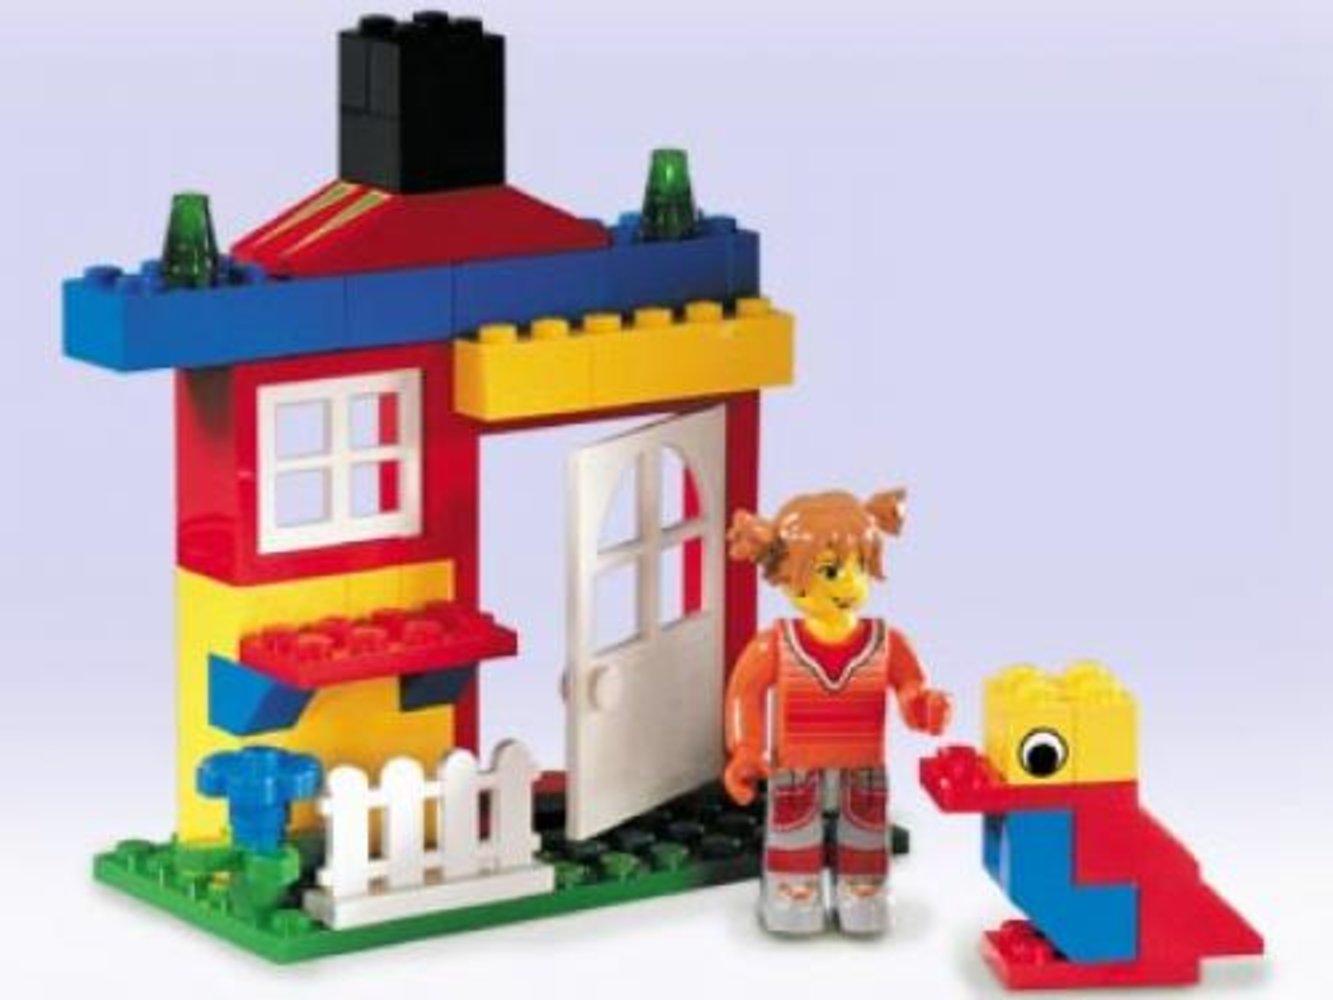 Tina's House